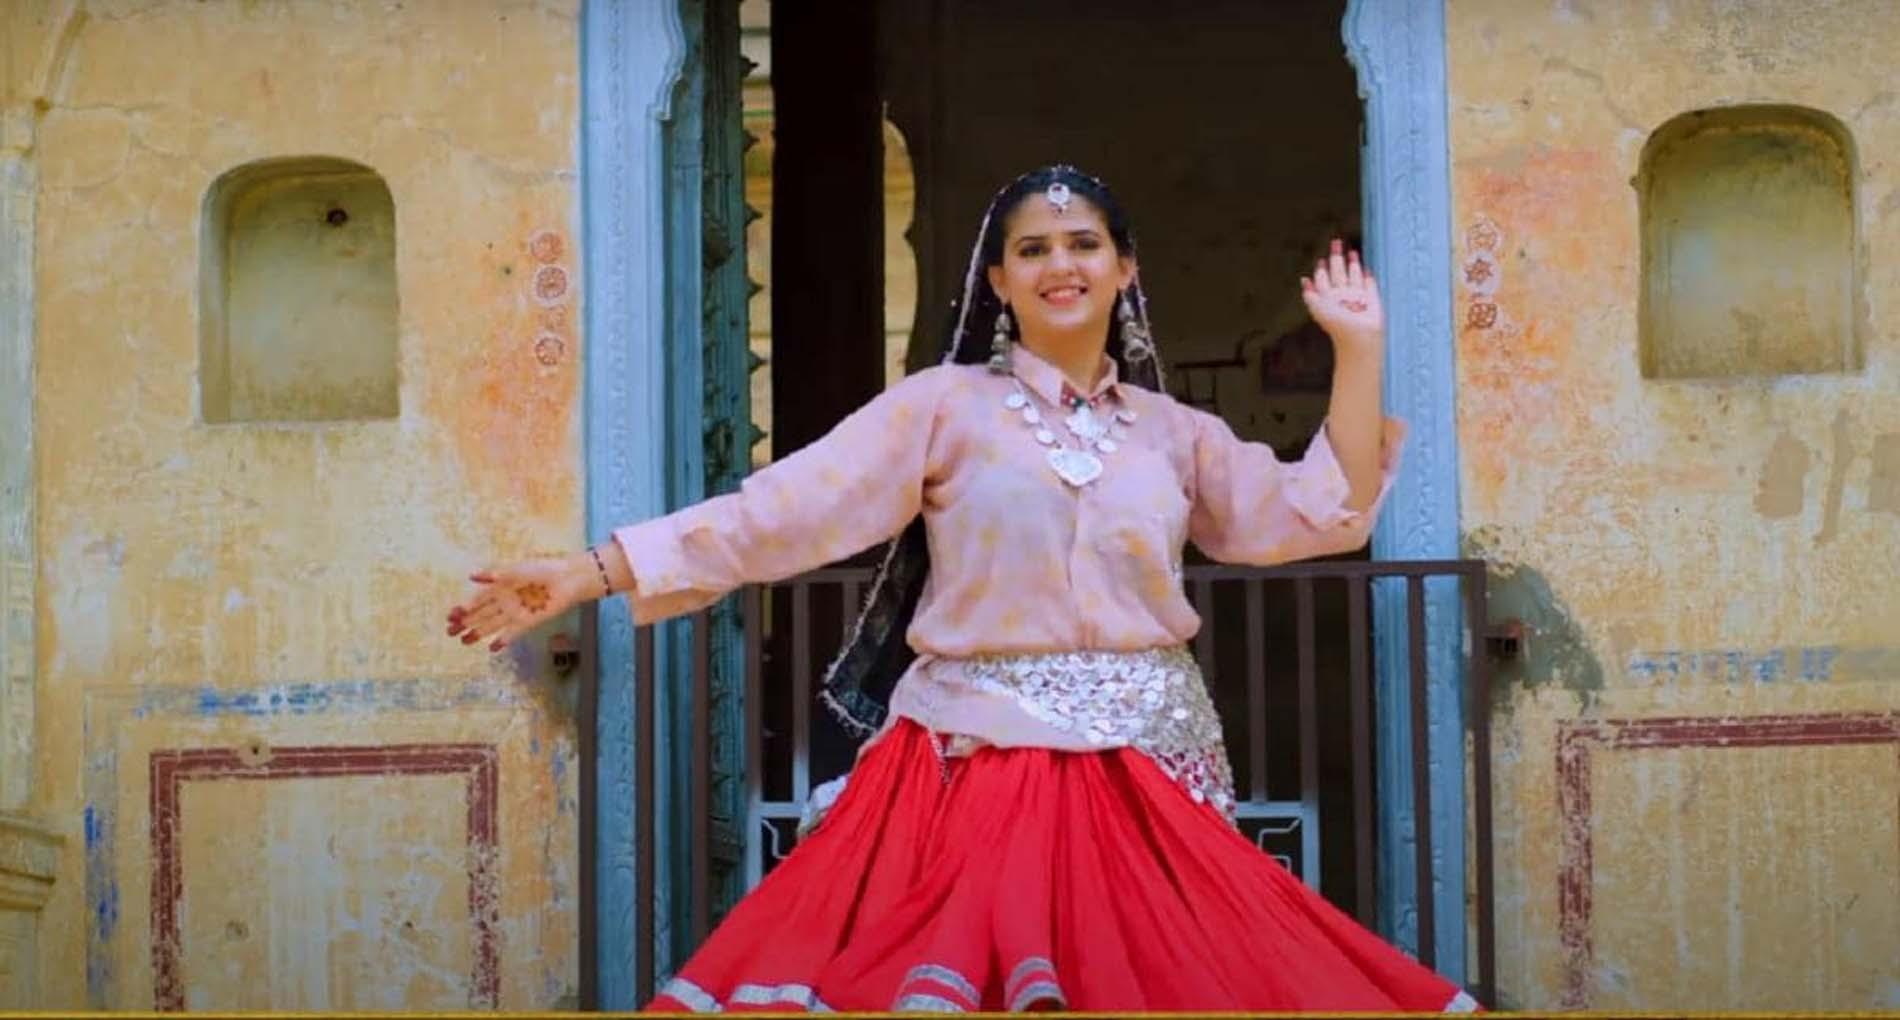 Pranjal Dahiya Video Song:हरियाणवी सॉन्ग 52 गज का दामन का धमाल! मिले 700 मिलियन से ज्यादा व्यूज